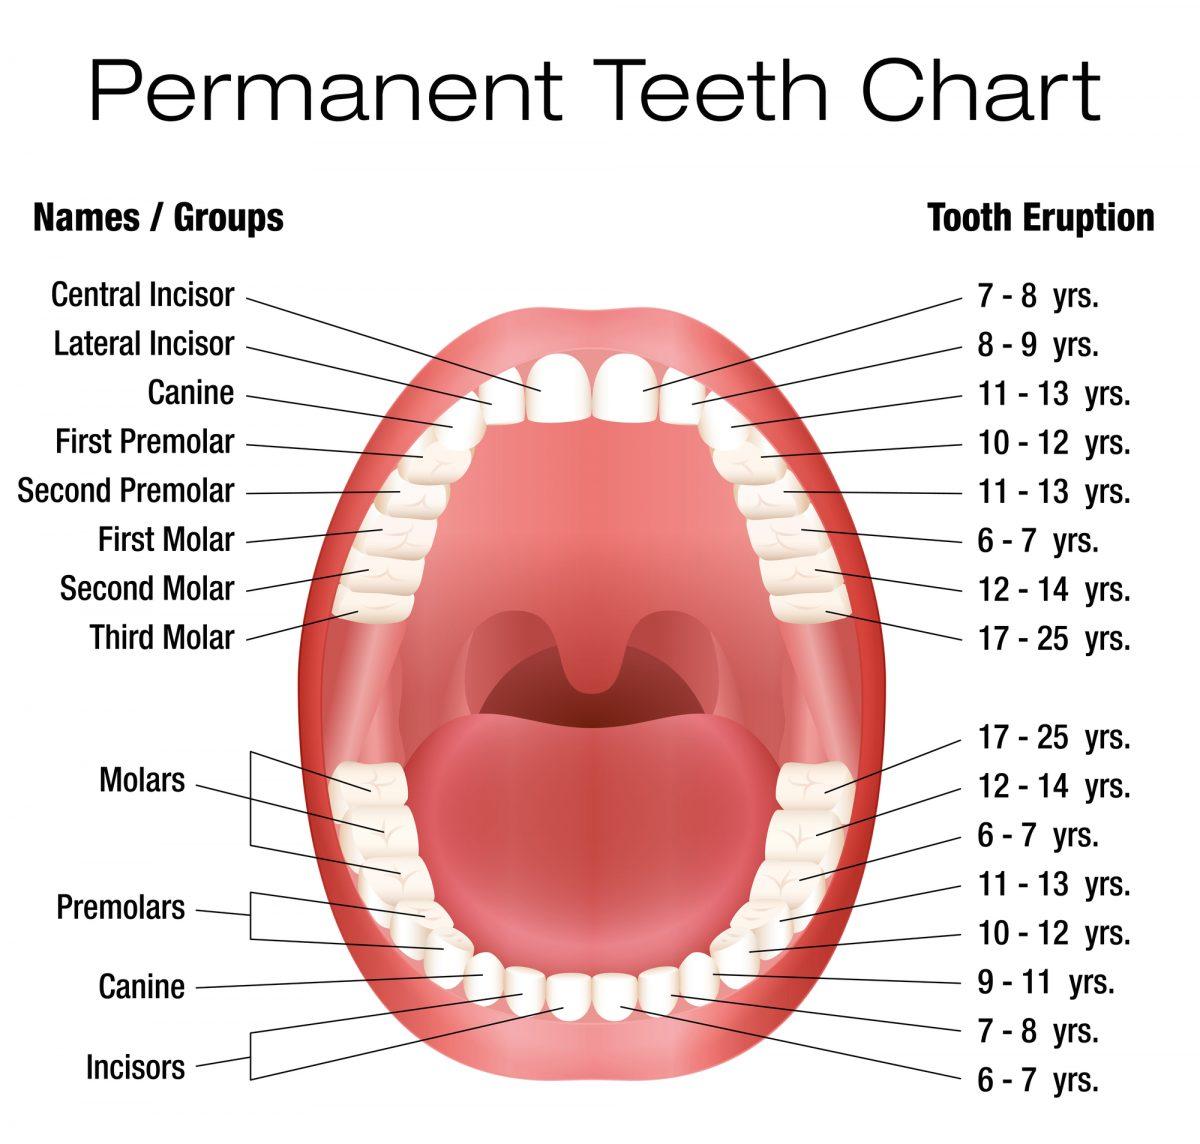 Denti permanenti